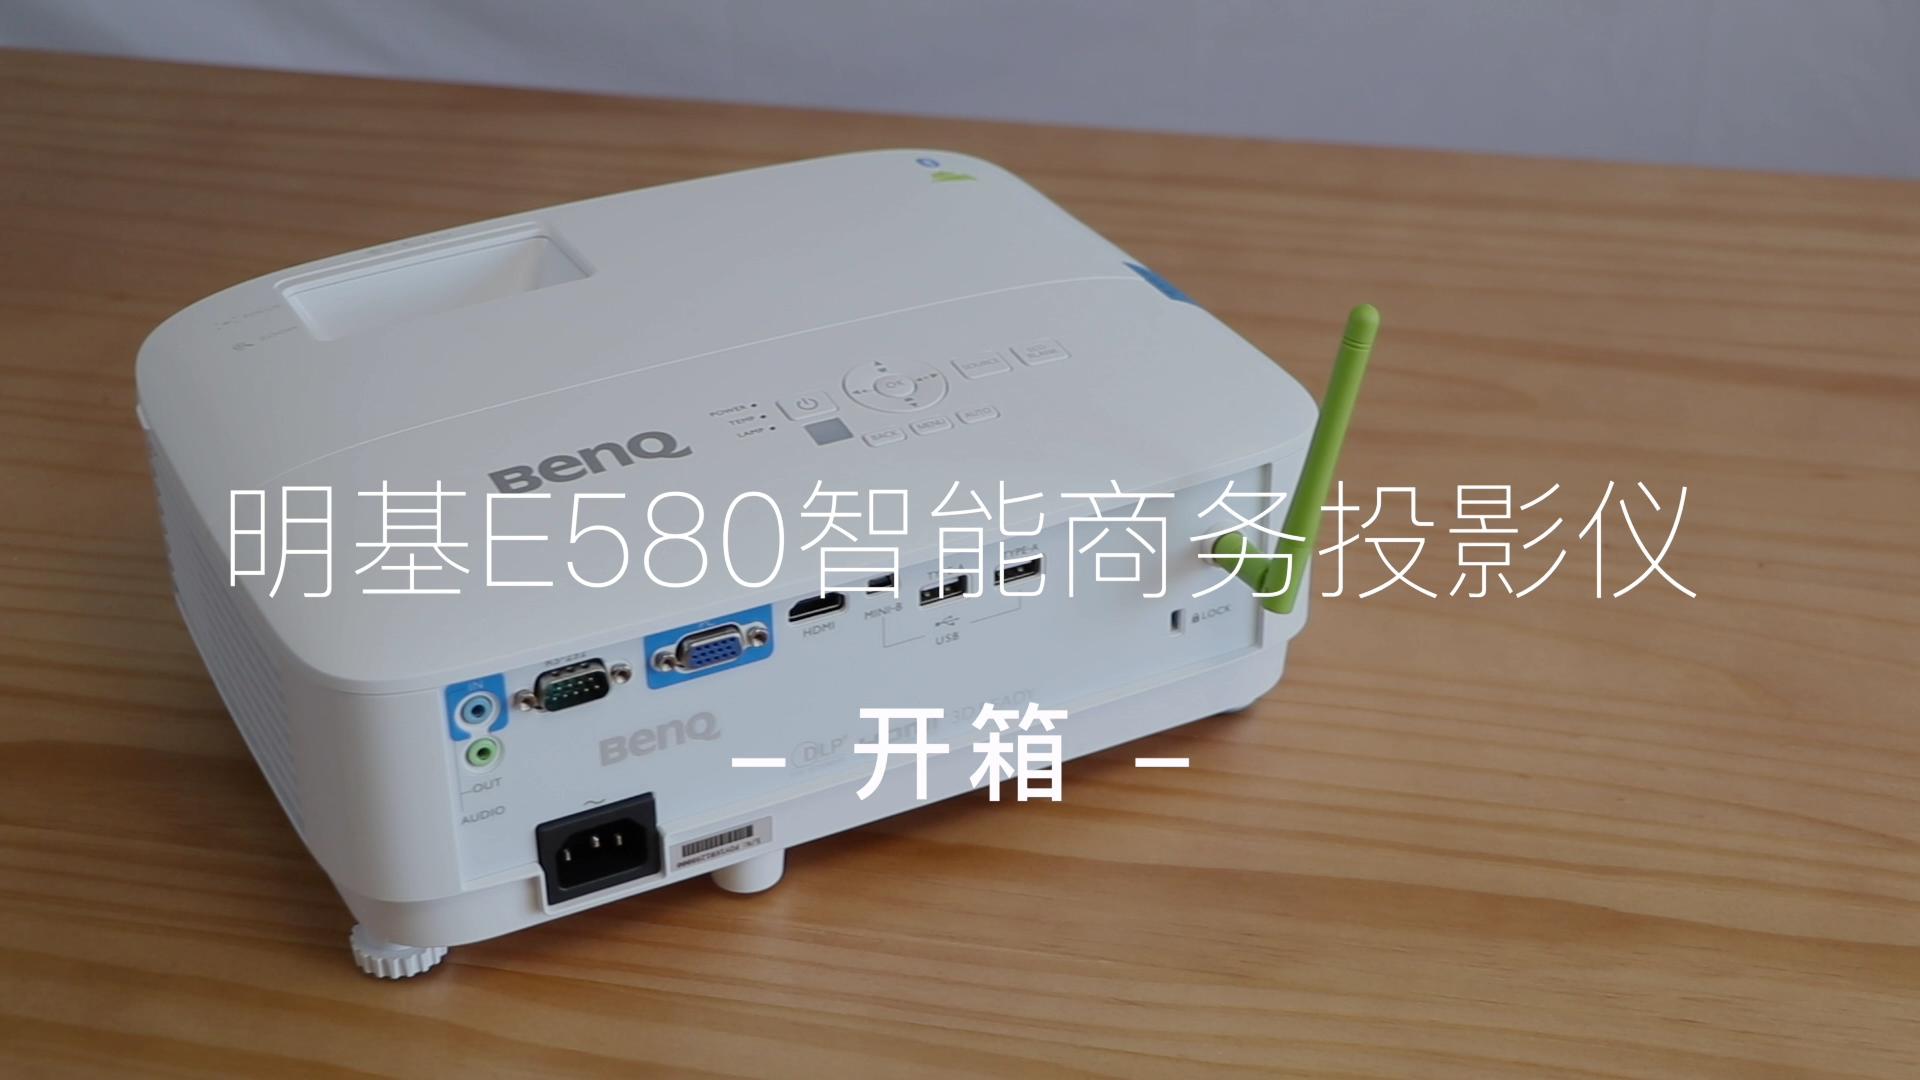 明基E580智能商务投影仪开箱